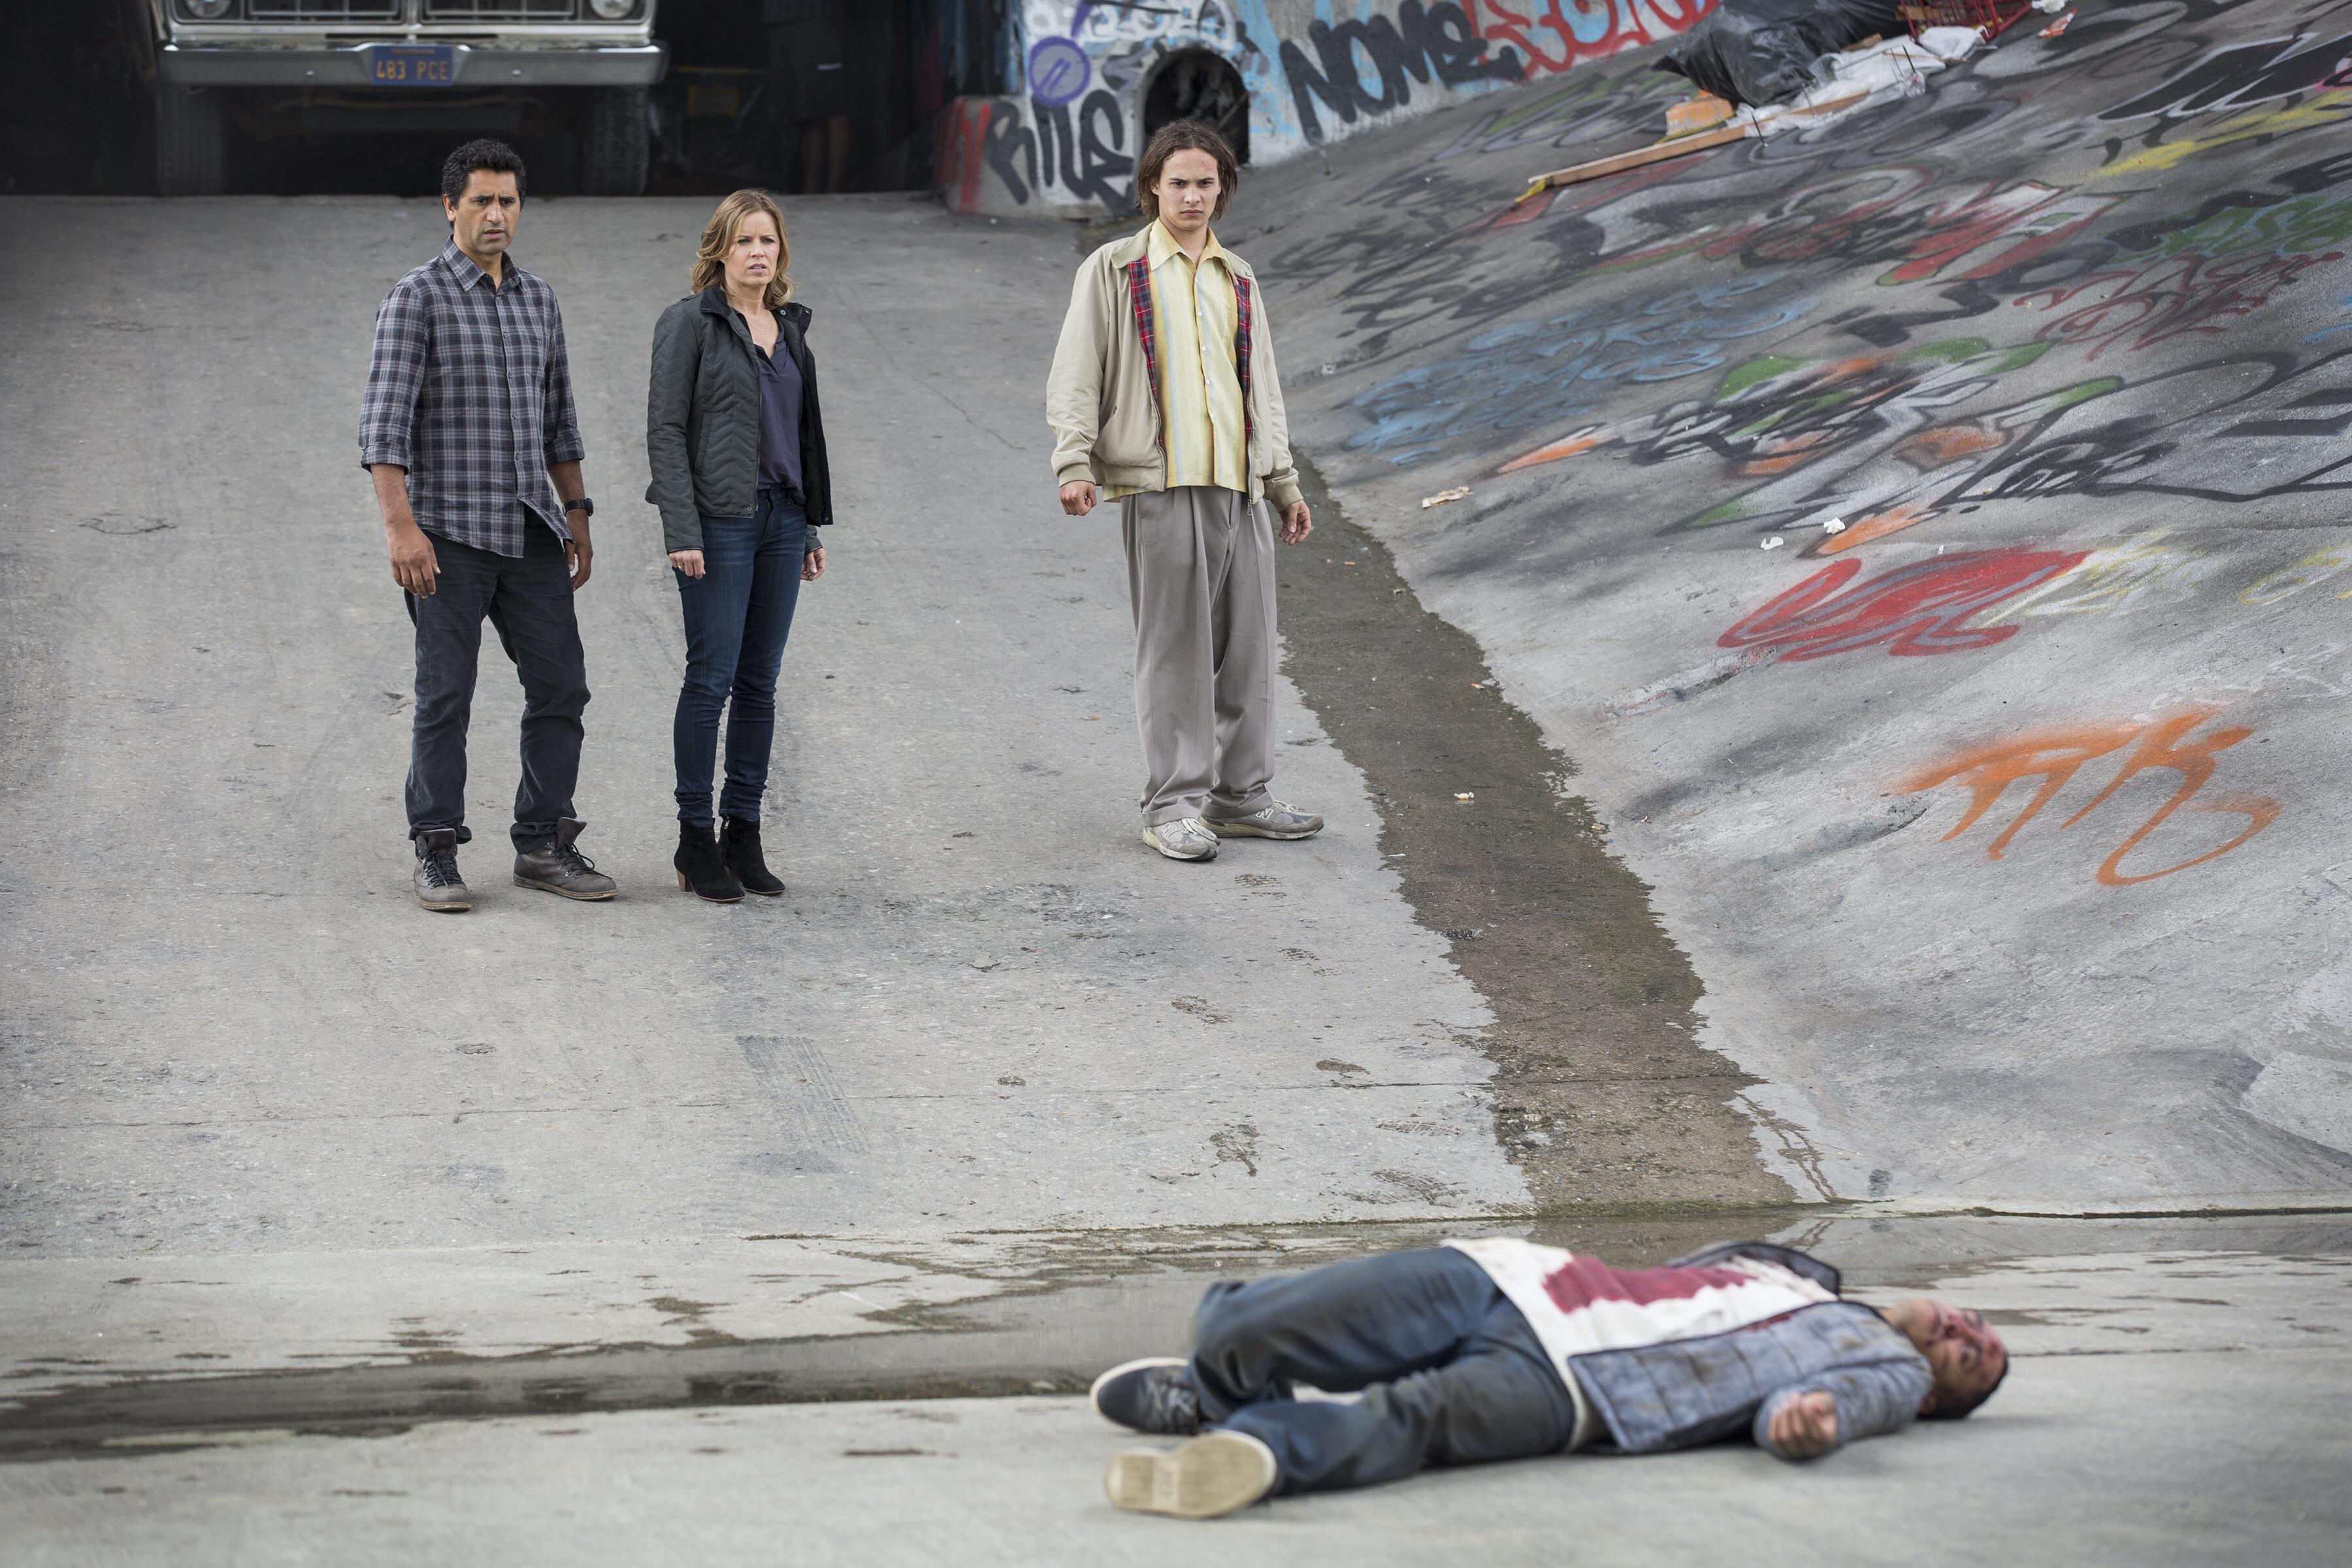 fear-the-walking-dead-promo-pic-82